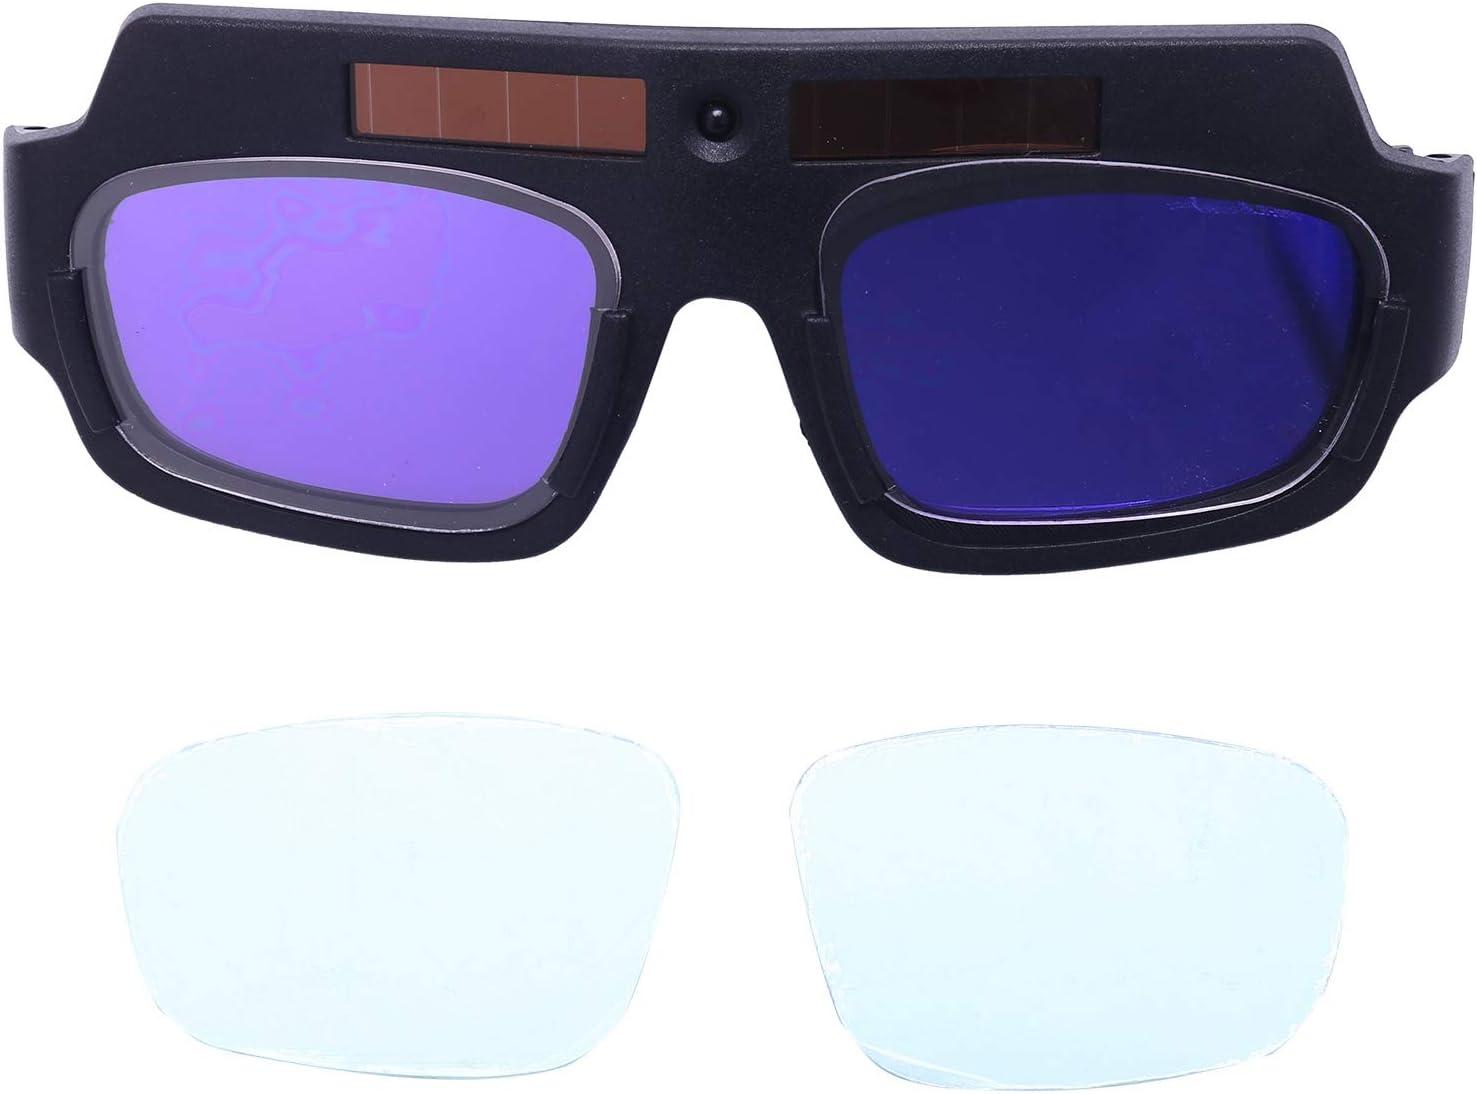 TOOGOO de Soldadura de Oscurecimiento AutomáTico con AlimentacióN Solar Casco Gafas Gafas de Soldador Lente de Arco Pc Grandes Gafas para ProteccióN de Soldadura